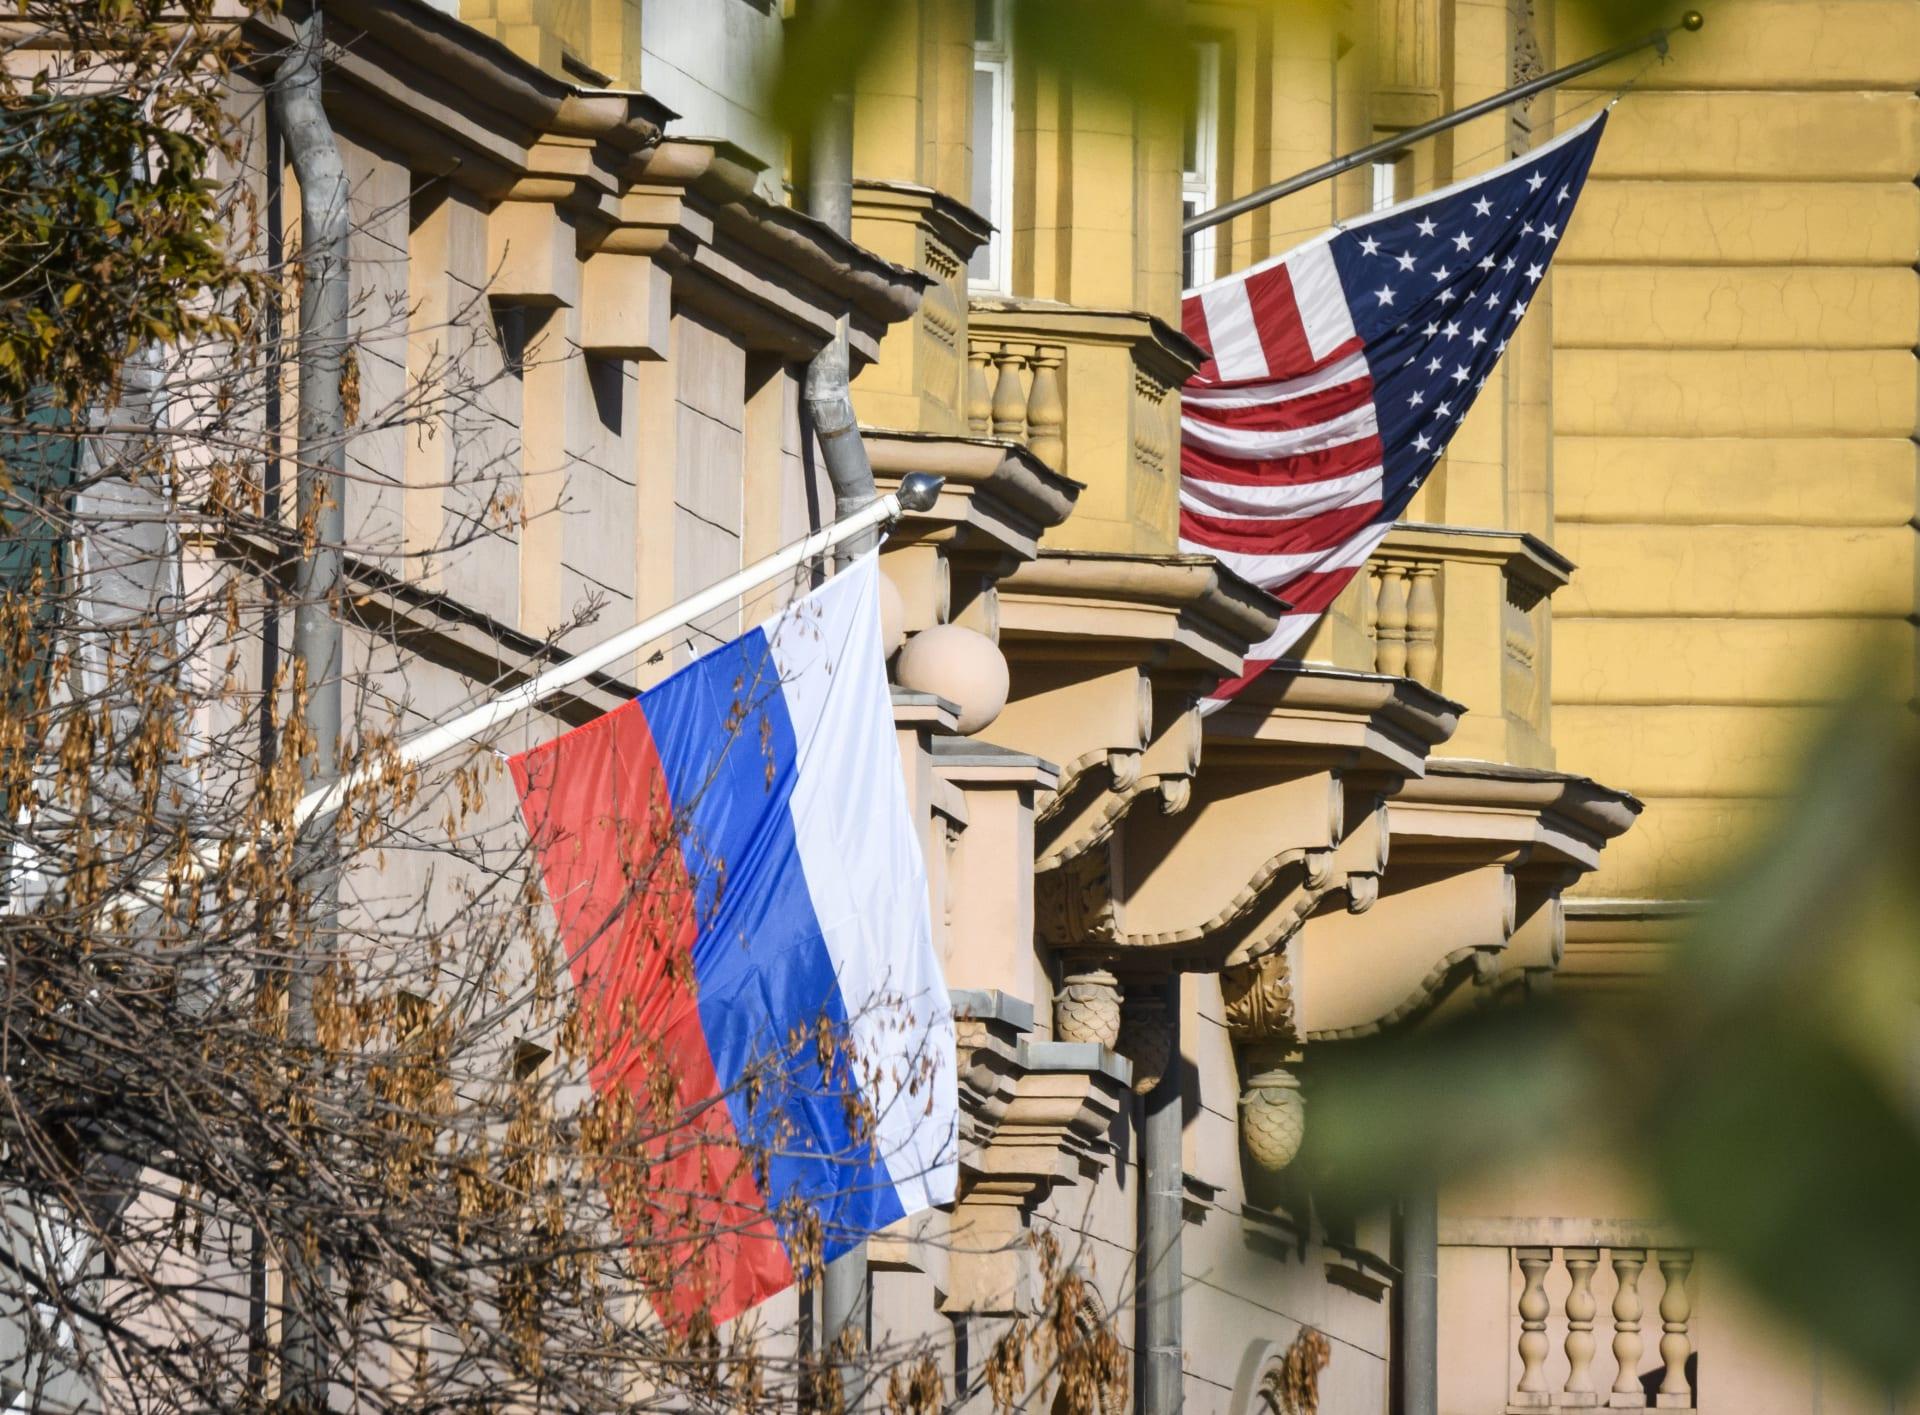 """موسكو تعثر على """"قذيفة"""" بين أمتعة دبلوماسي أمريكي وتطال واشنطن بالتوضيح"""